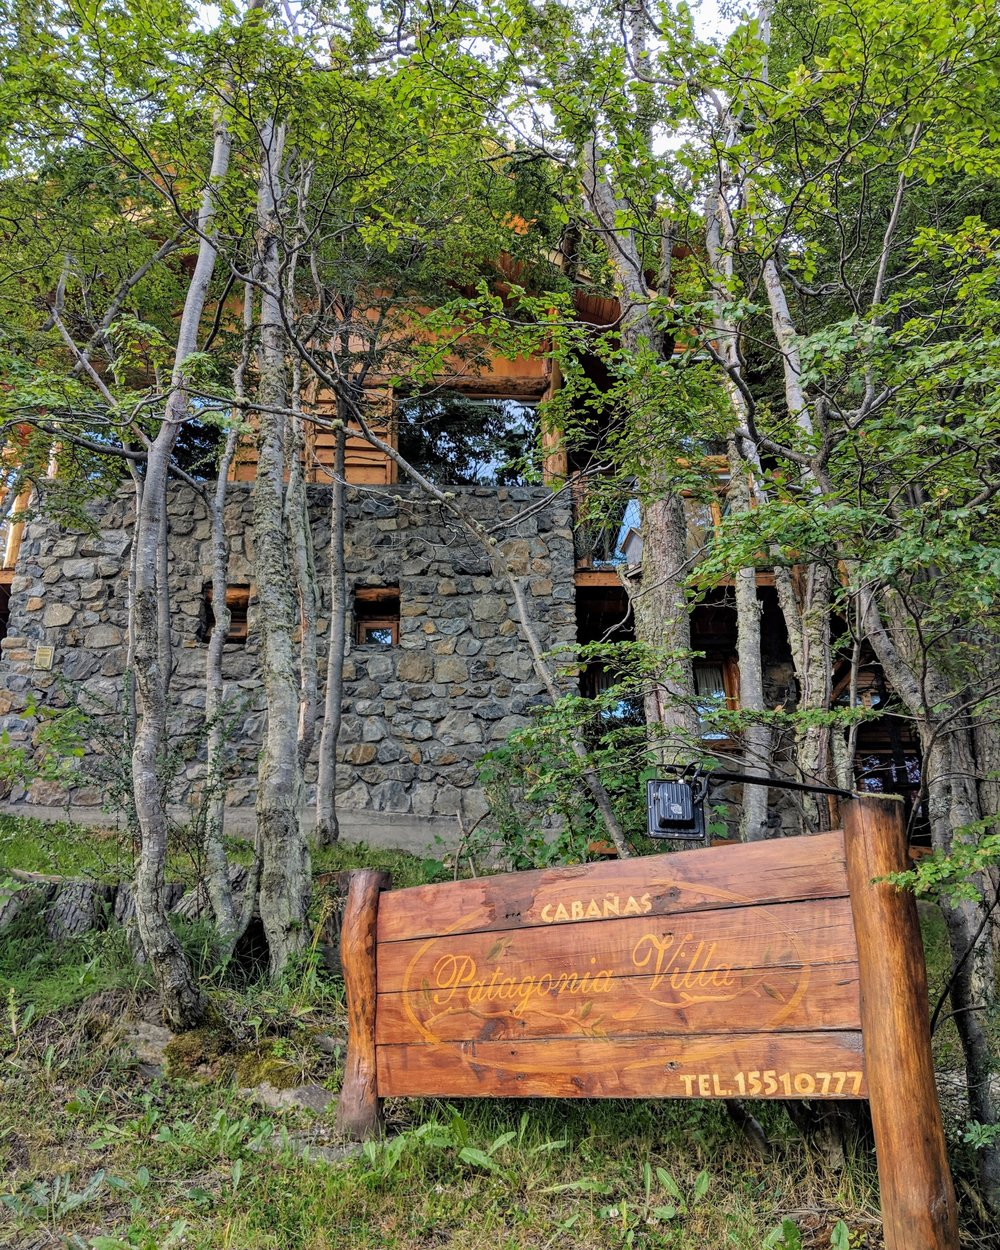 Cabins at Patagonia villa